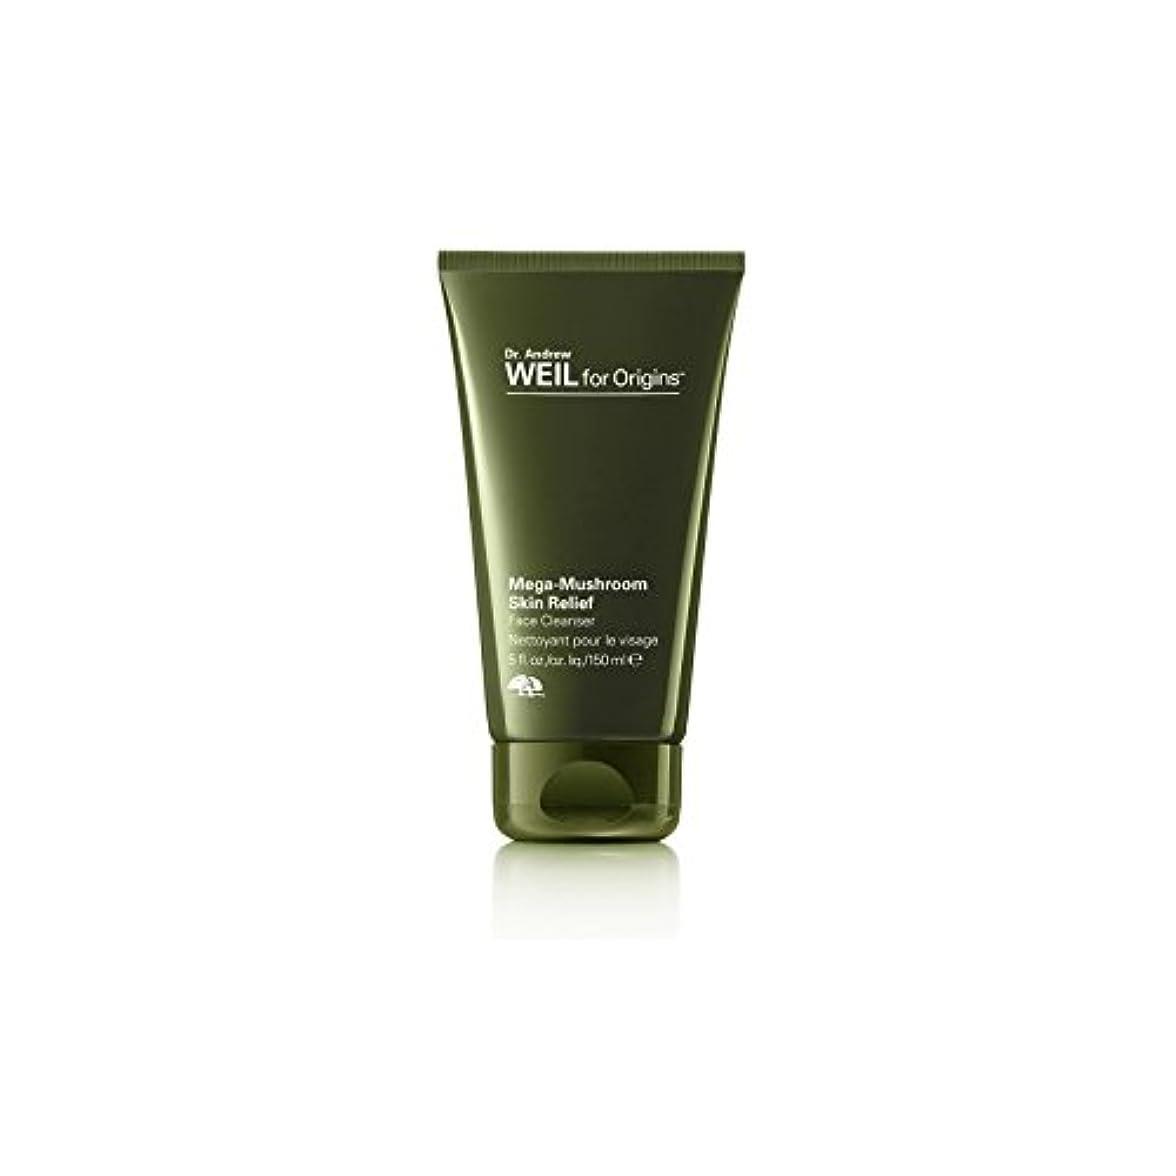 嫌がらせ間に合わせ凝縮するOrigins Dr. Andrew Weil For Origins Mega-Mushroom Skin Relief Face Cleanser 150ml - 起源アンドルー?ワイル起源メガキノコ皮膚救済顔クレンザー150ミリリットルのために [並行輸入品]